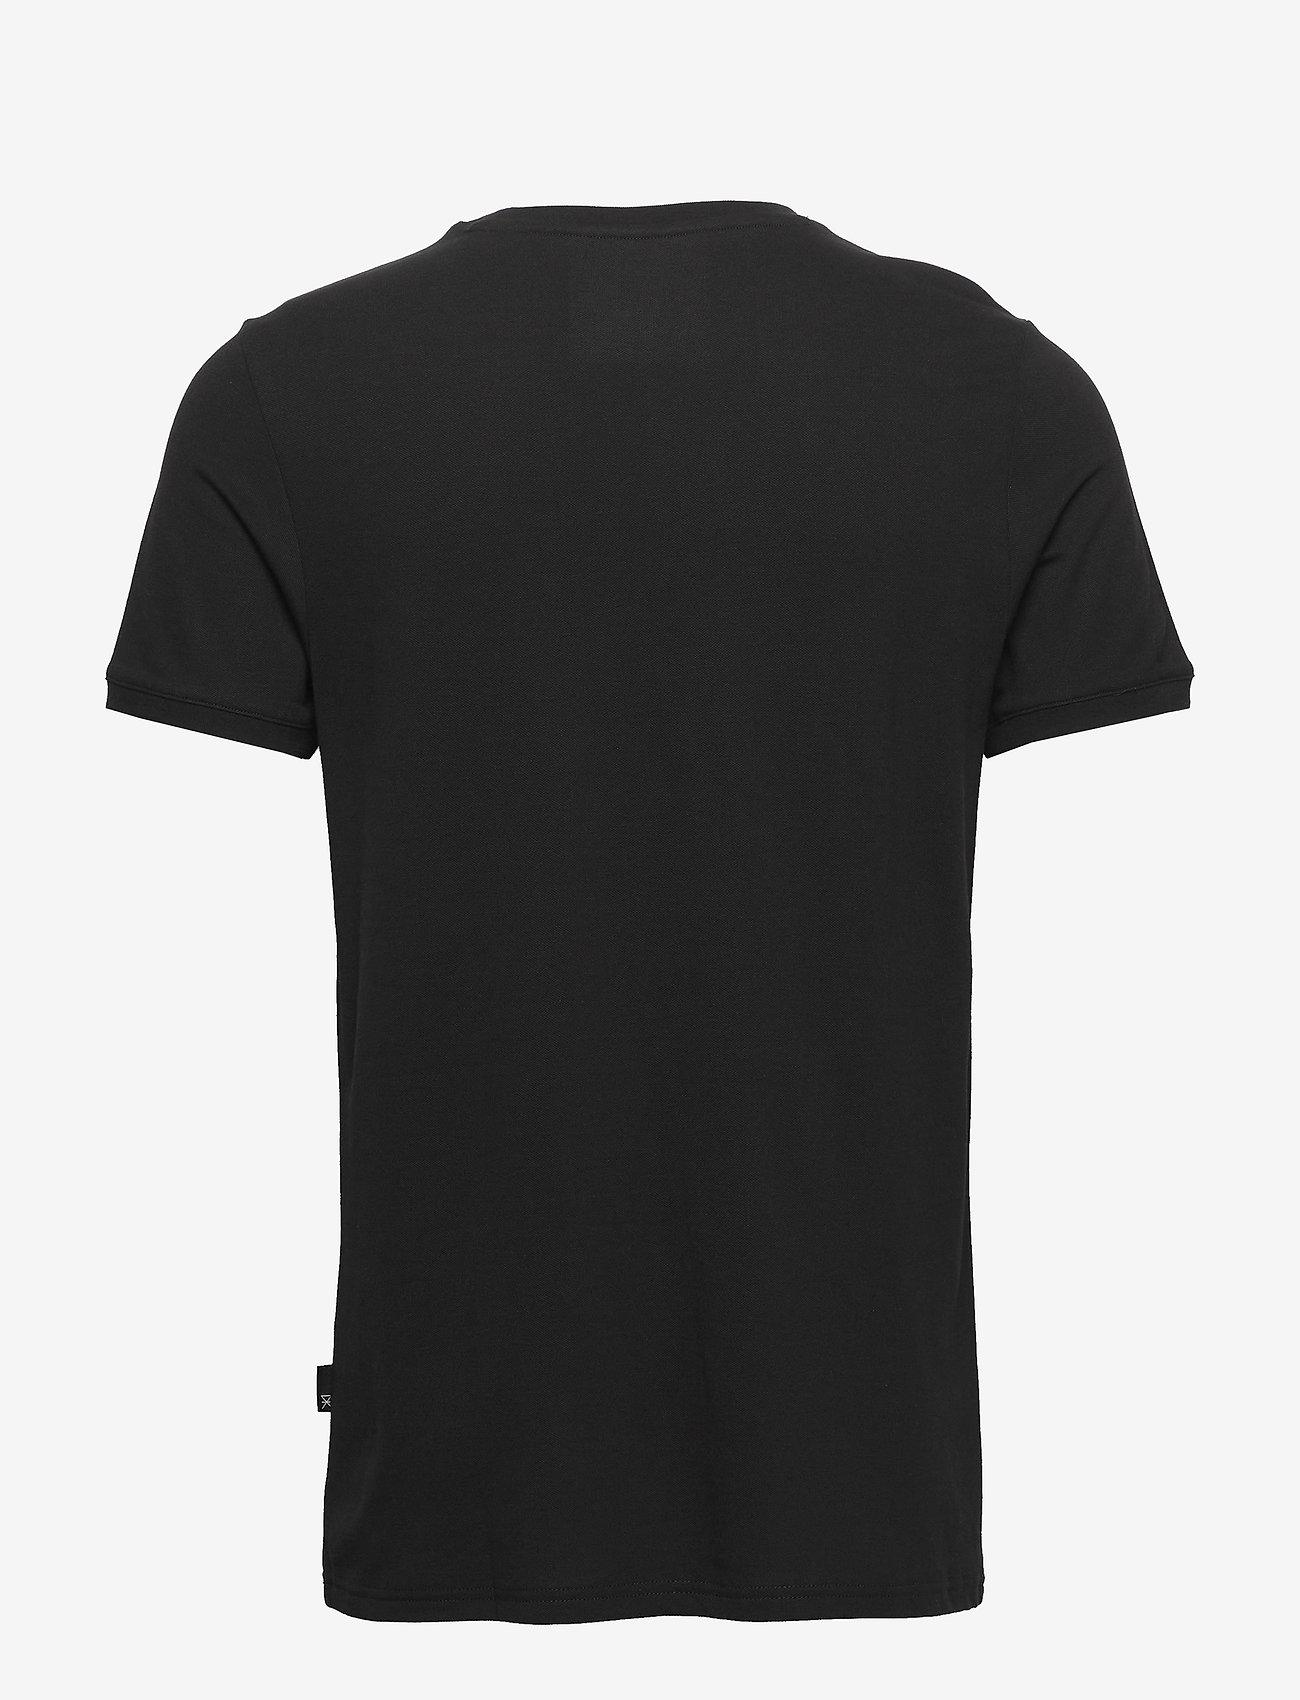 JBS of Denmark JBS of Denmark t-shirt pique - T-skjorter BLACK - Menn Klær